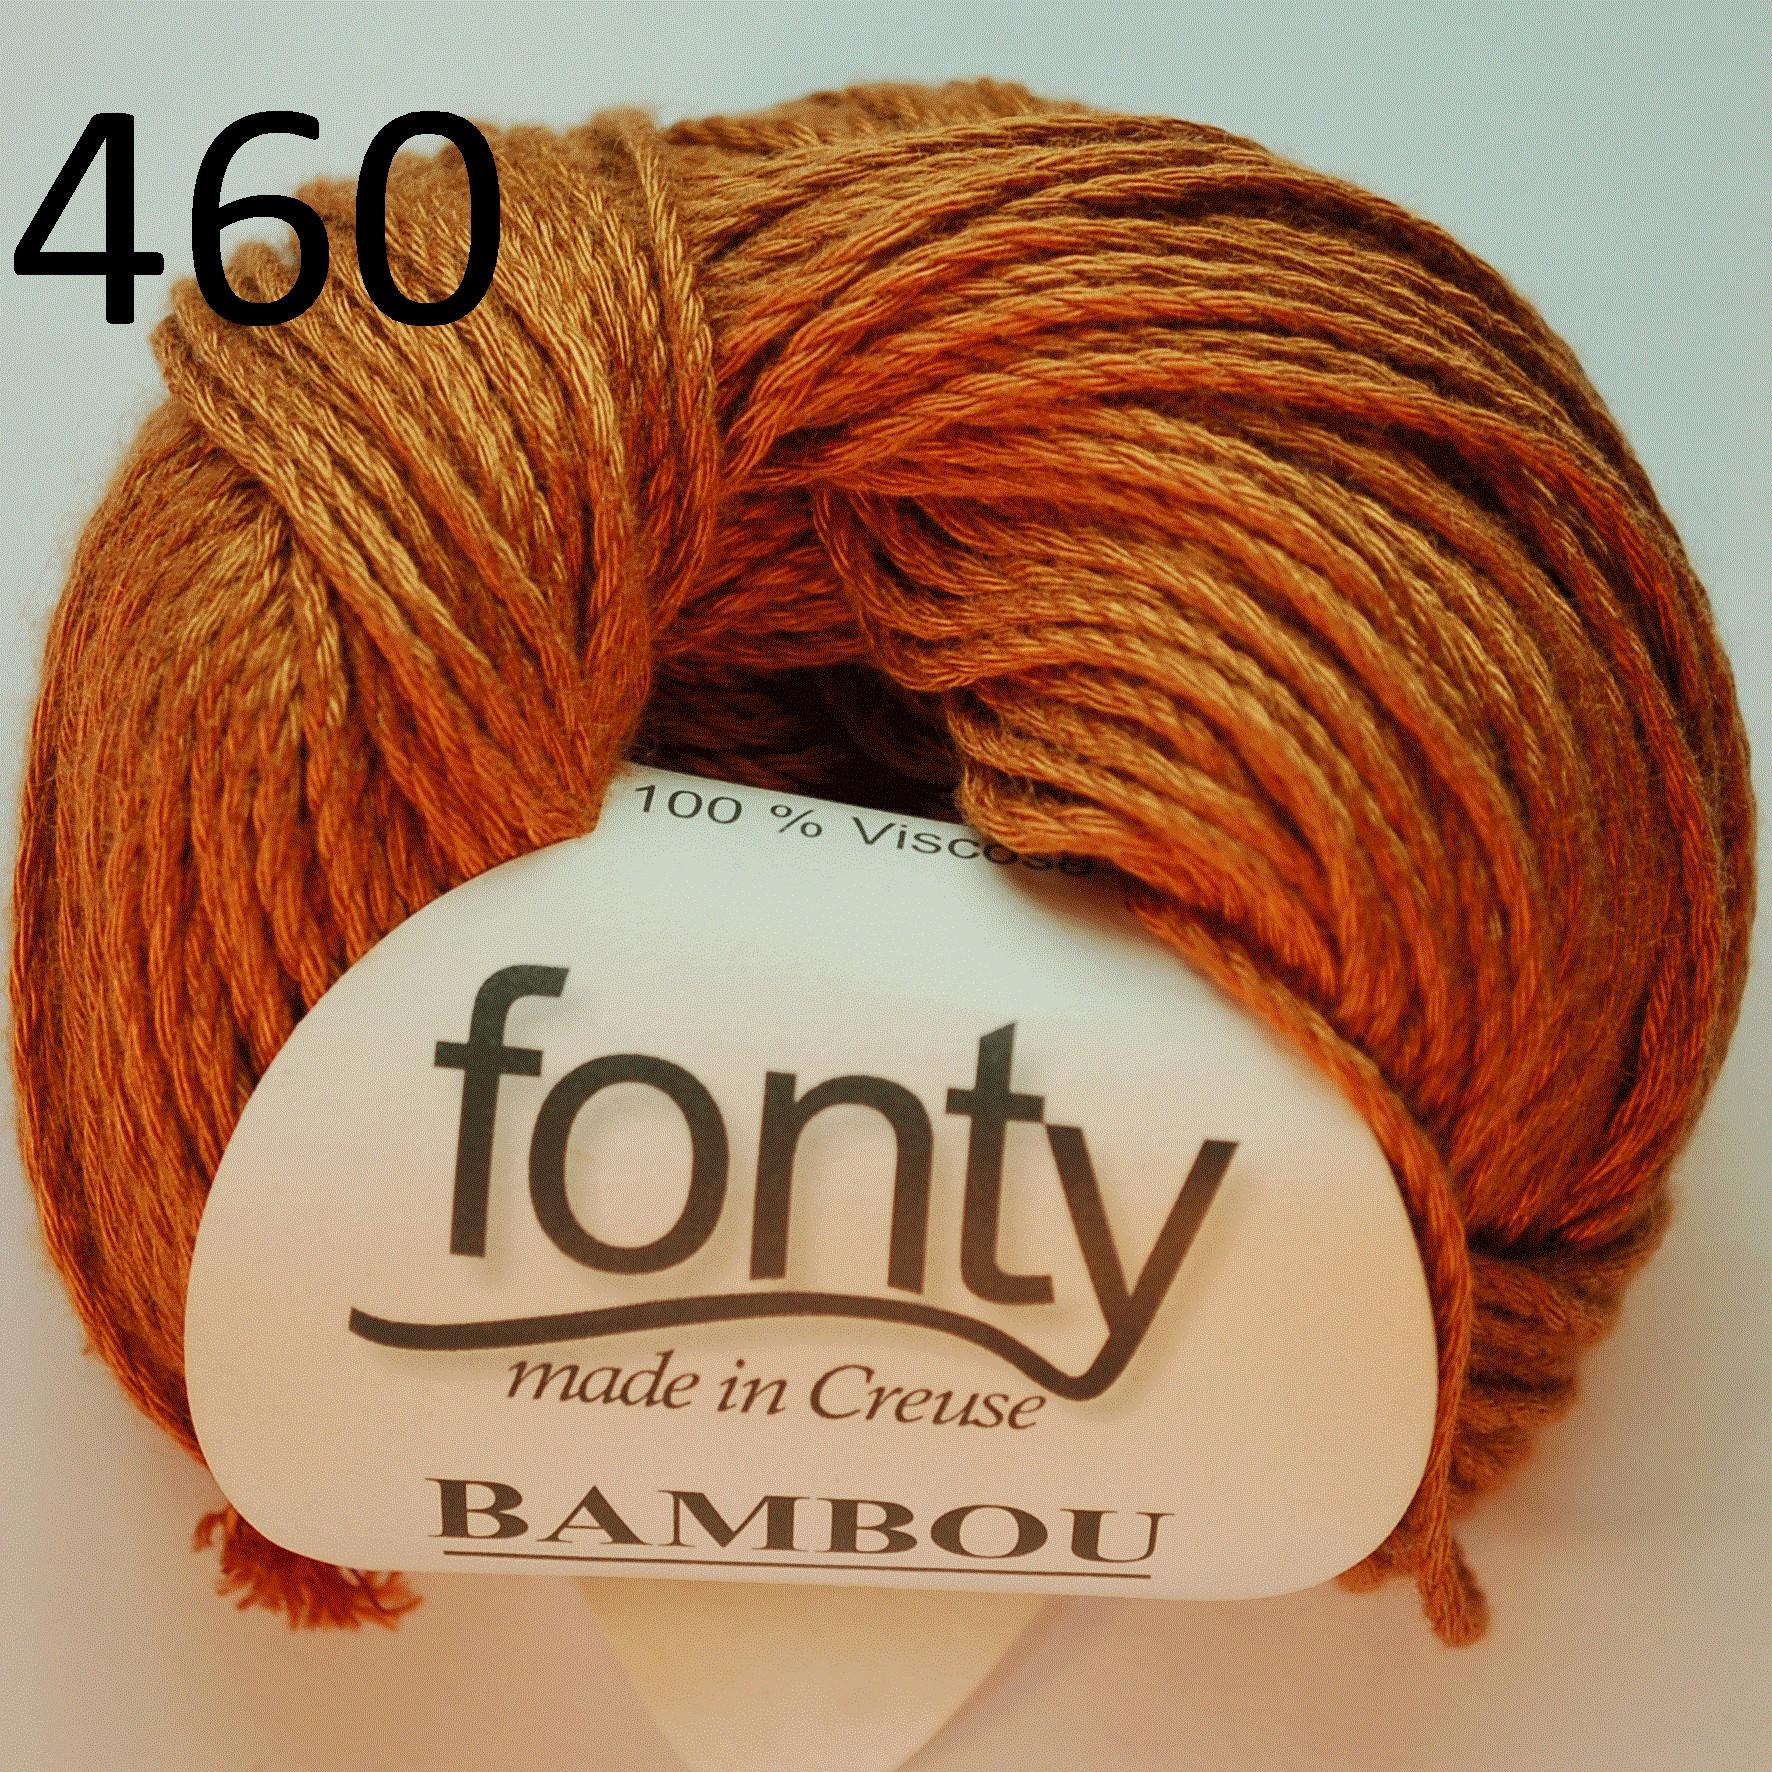 Bambou 460